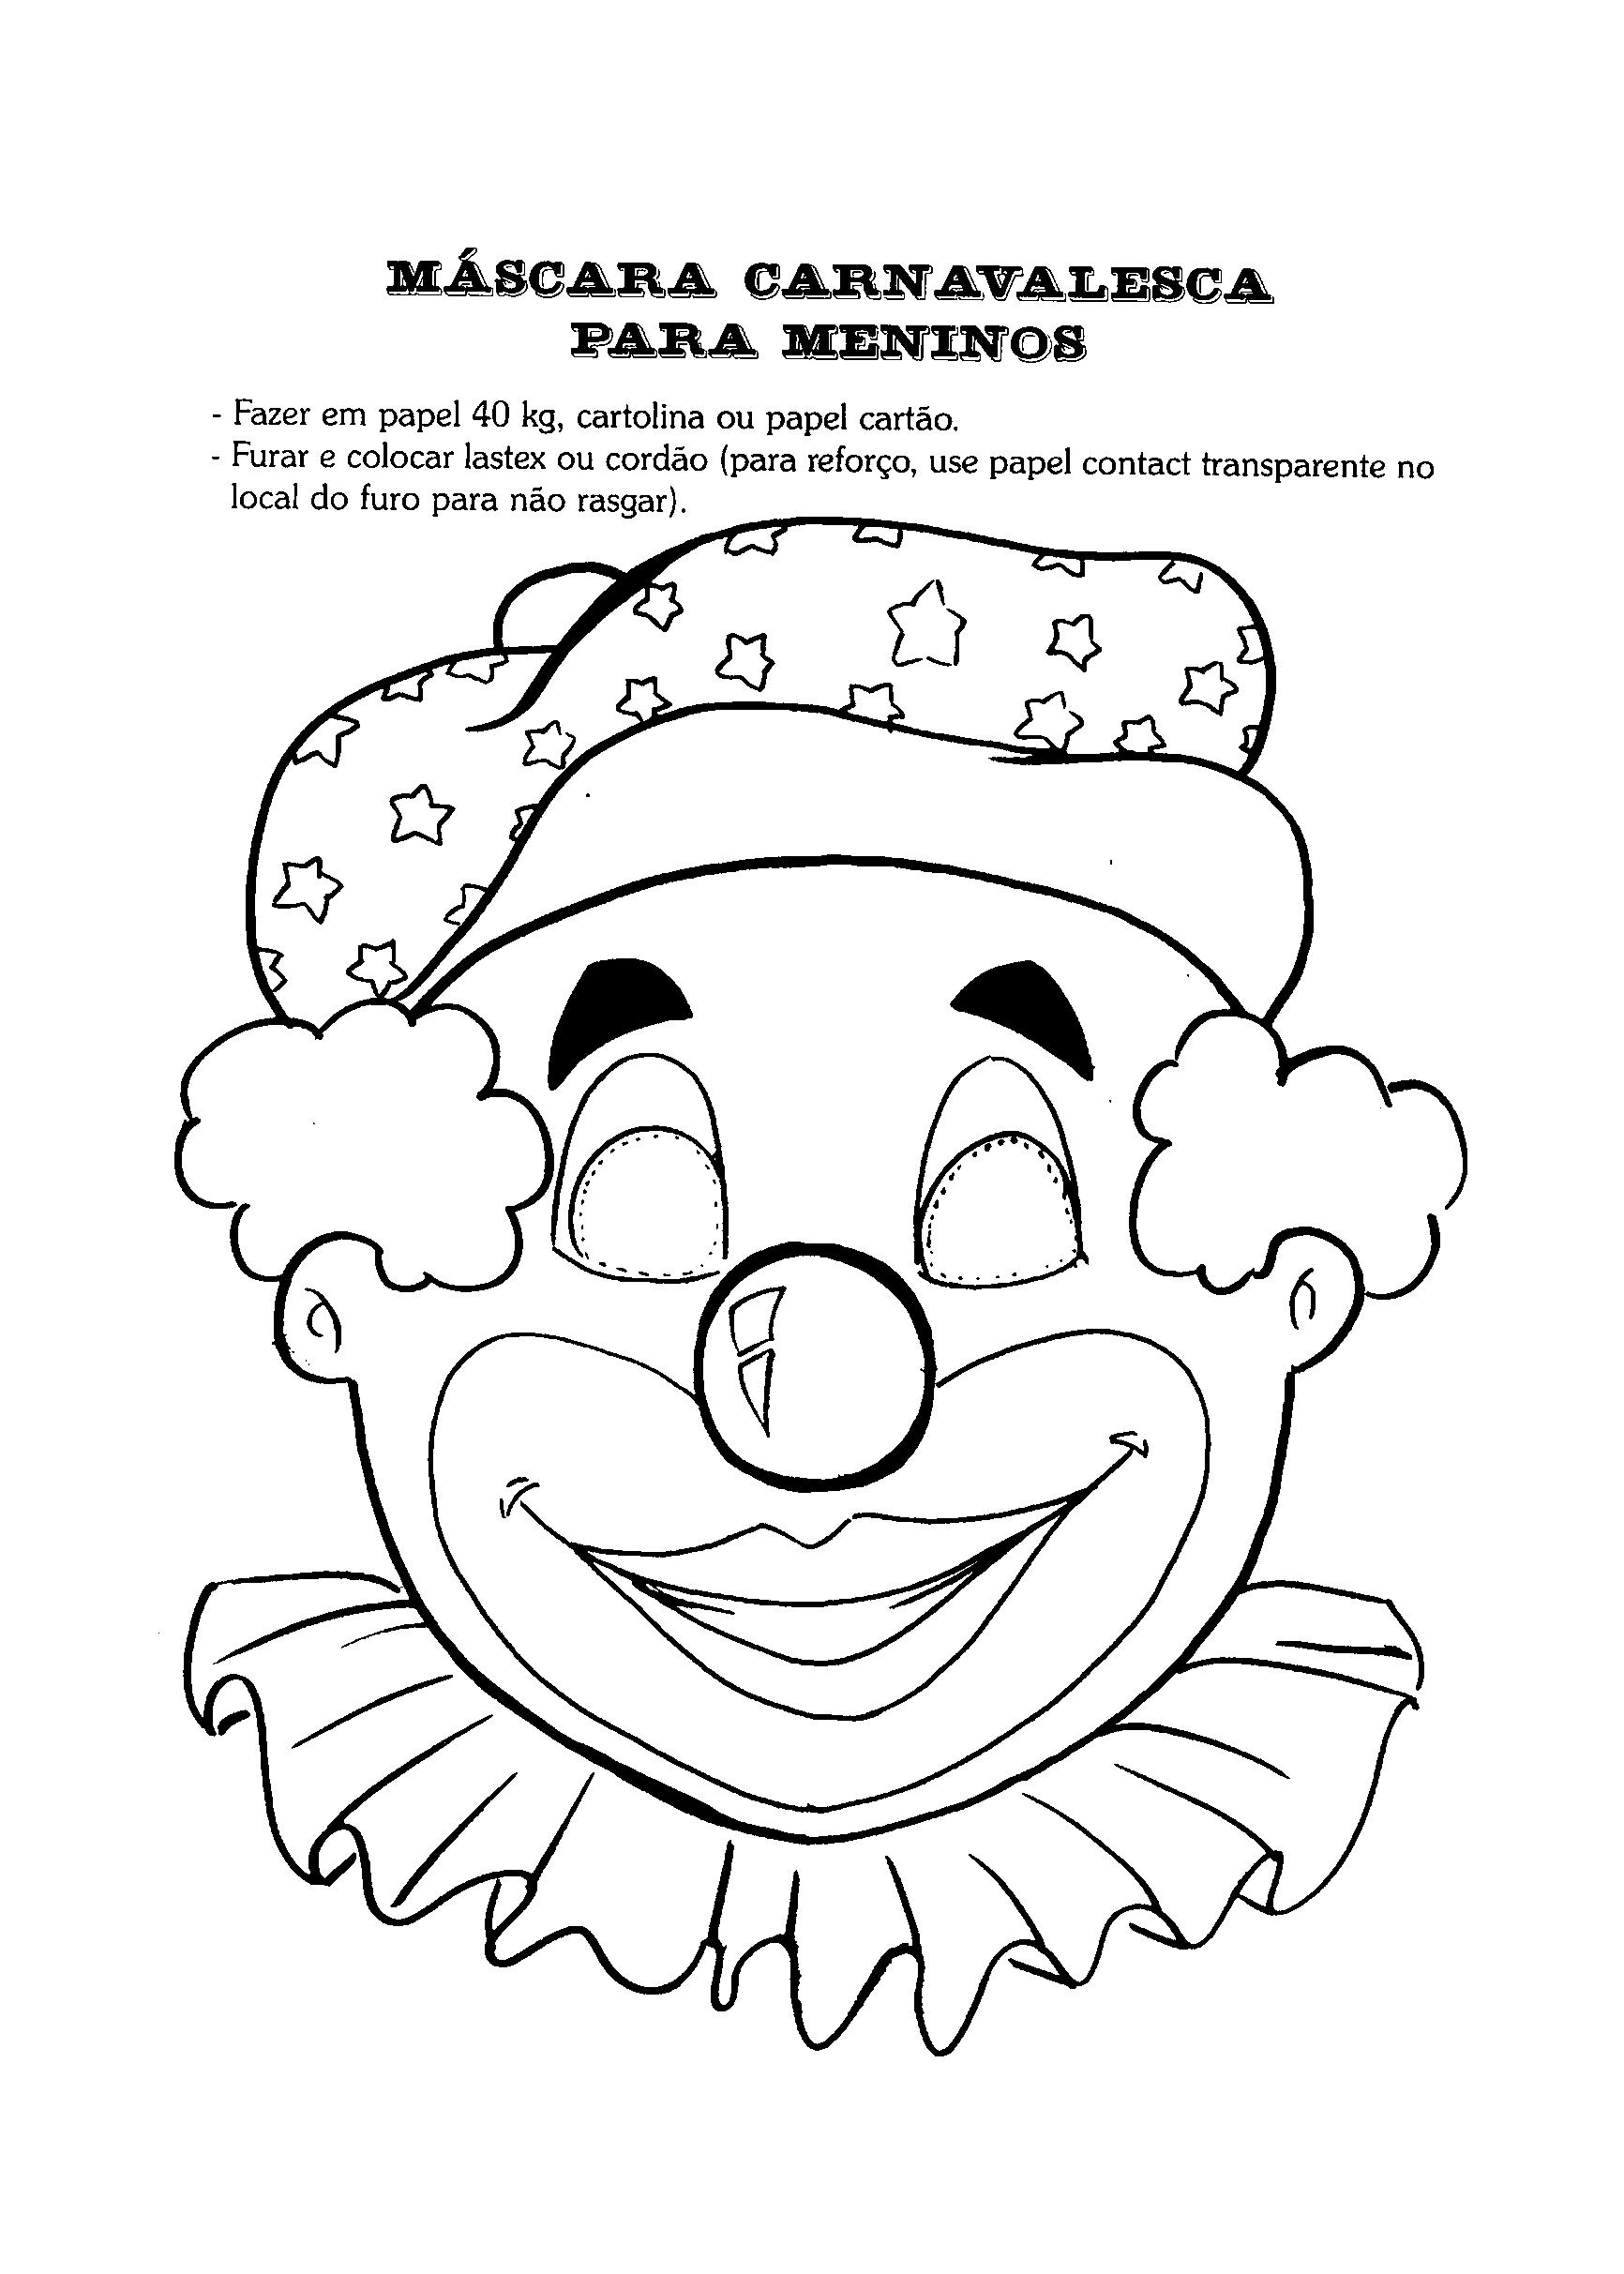 0282-mascara-carnaval-palhaco